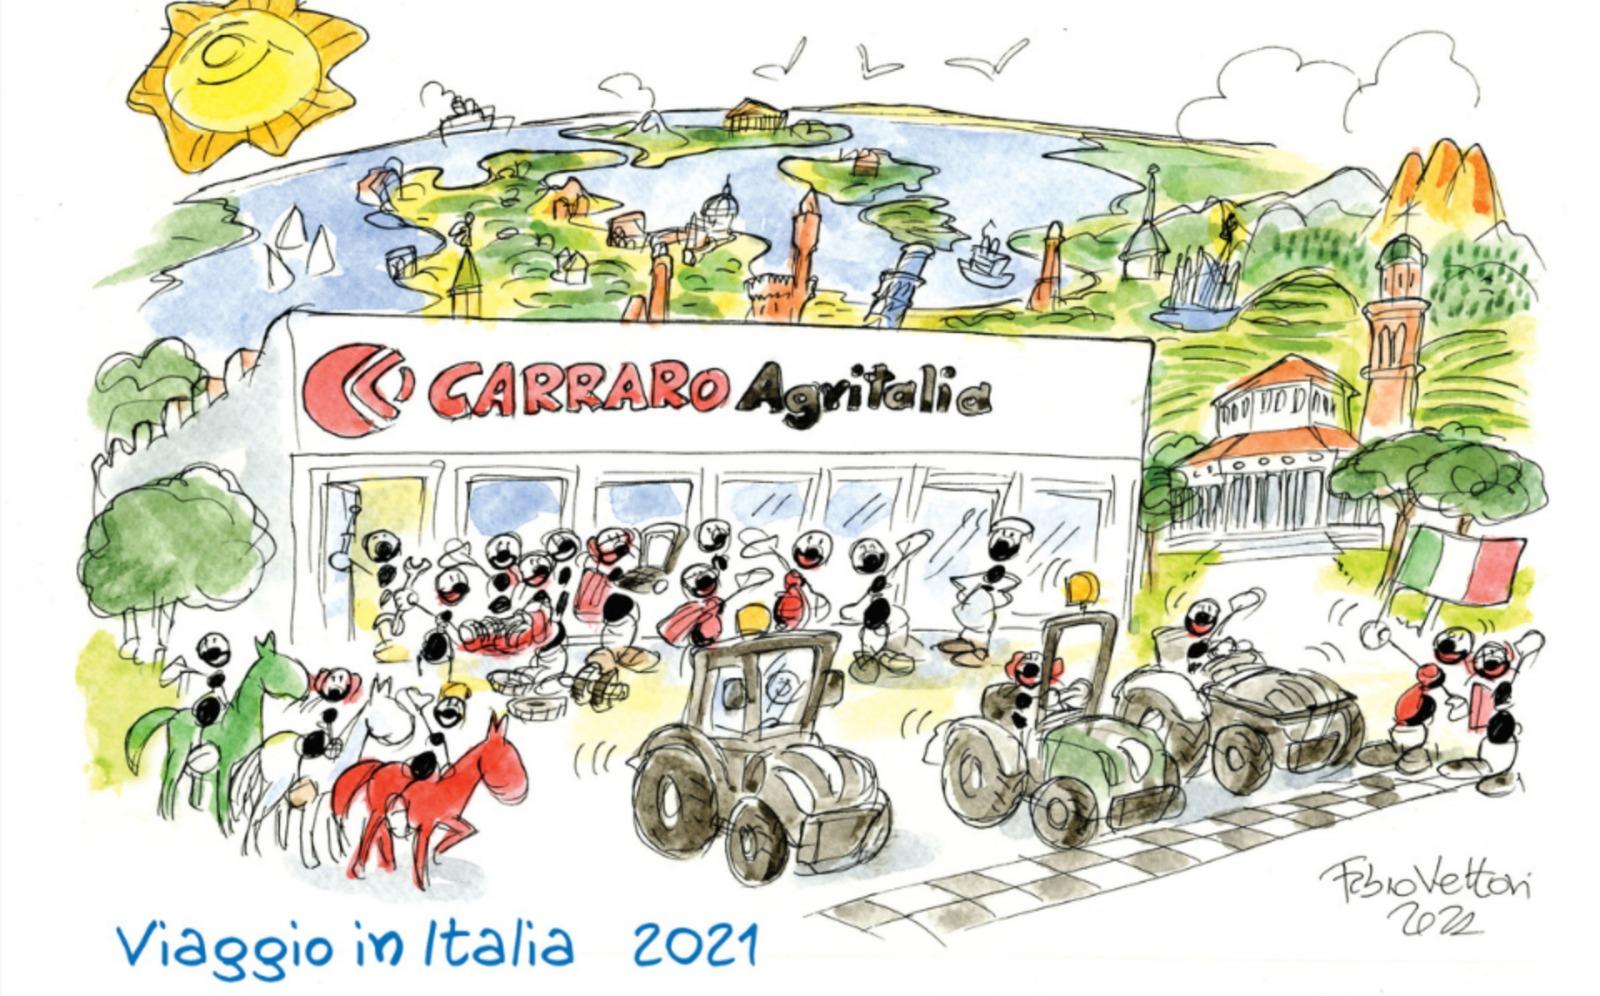 Il viaggio in Italia di Carraro Tractors fa tappa ad Eboli.